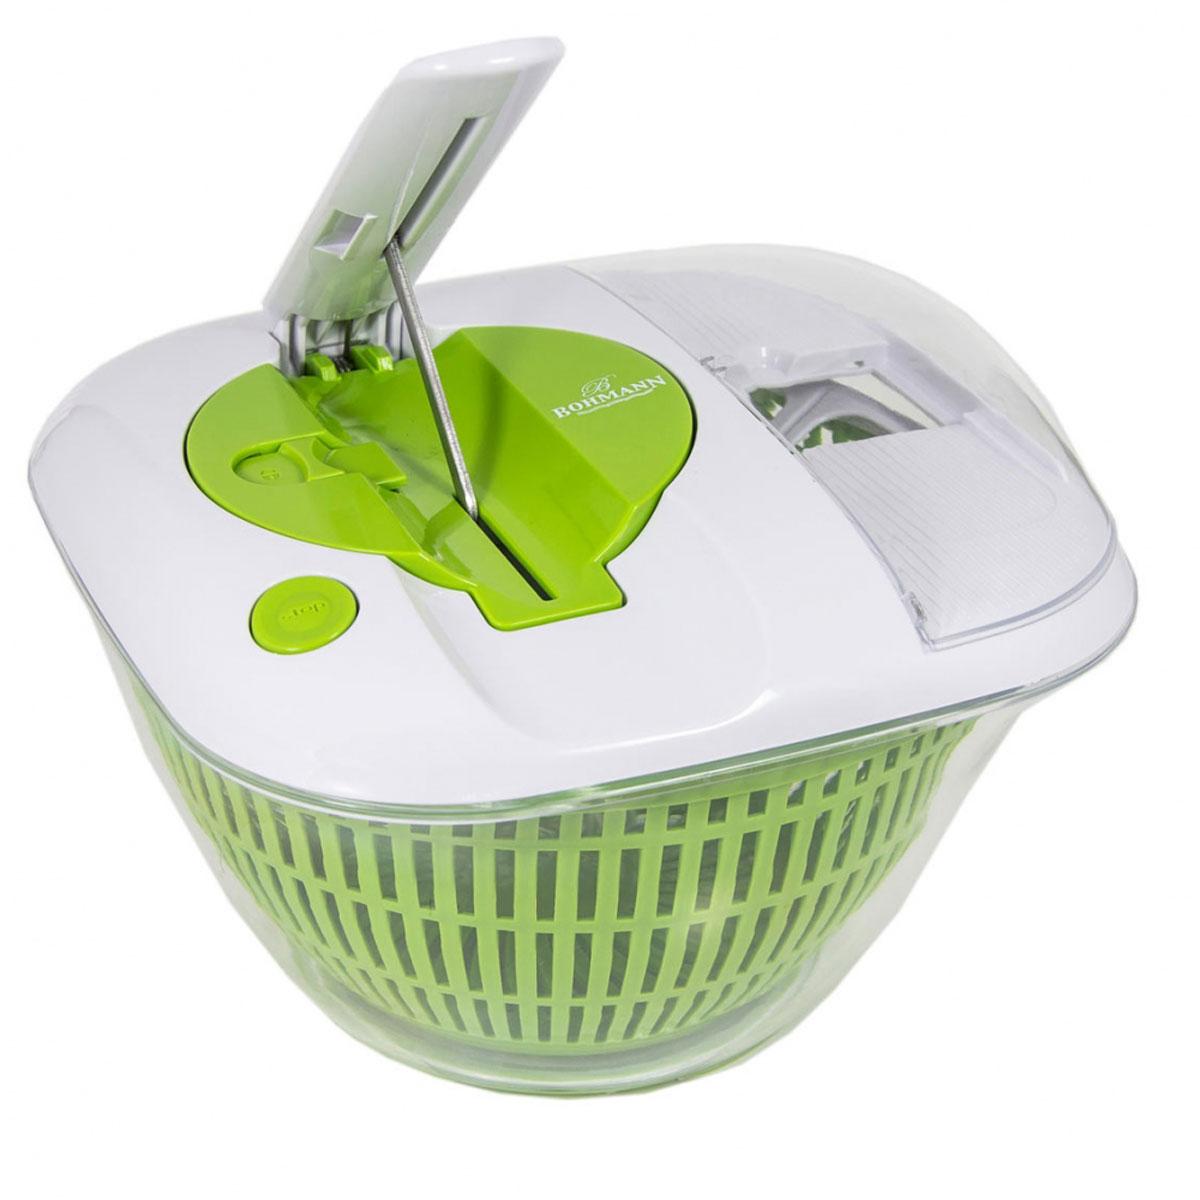 Сушилка для овощей Bohmann, со встроенным слайсером, 5 л001BHGСушилка для овощей Bohmann со встроенным слайсером выполнена из пластика. Включает порезку на ломтики и мелкие кусочки. С волнистыми режущими лезвиями. Защитная рукоятка. Прочная полистерольная миска. Можно мыть в посудомоечной машине. Система АБС. Моет, перемешивает, сервирует - все в одном.Объем: 5 л.